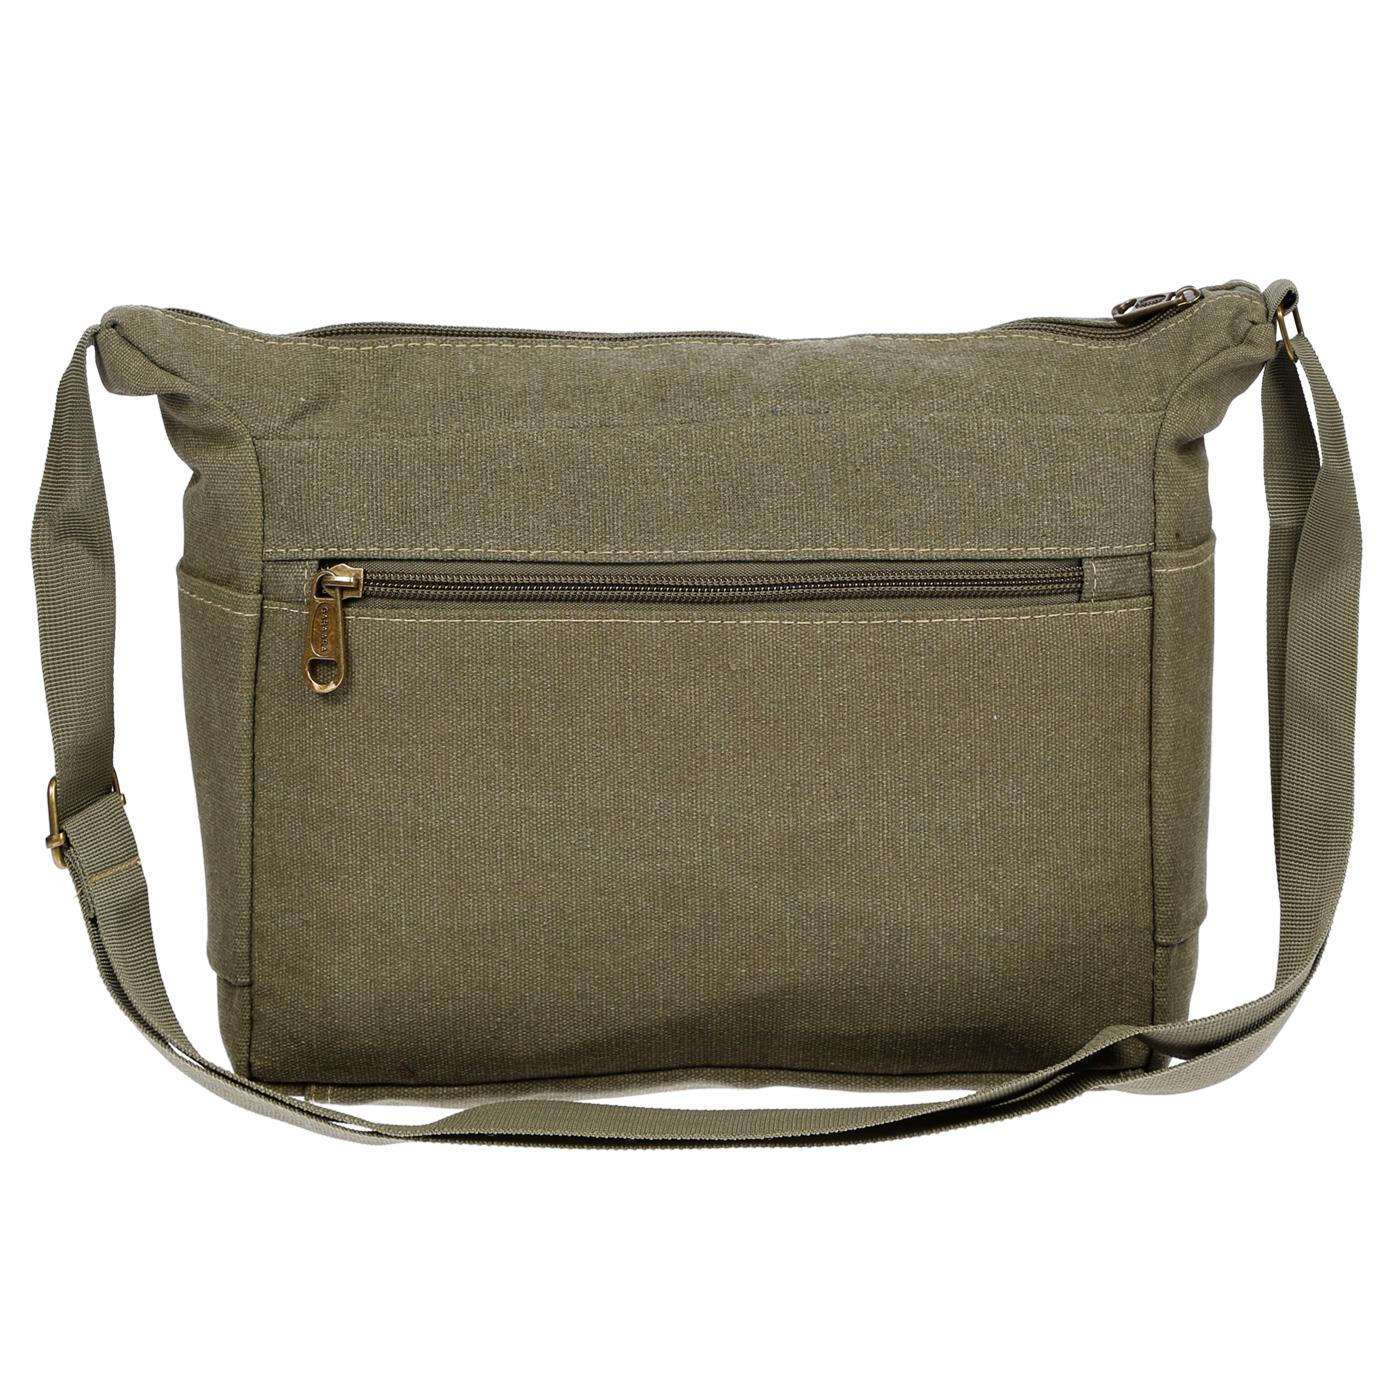 Damen-Tasche-Canvas-Umhaengetasche-Schultertasche-Crossover-Bag-Damenhandtasche Indexbild 40